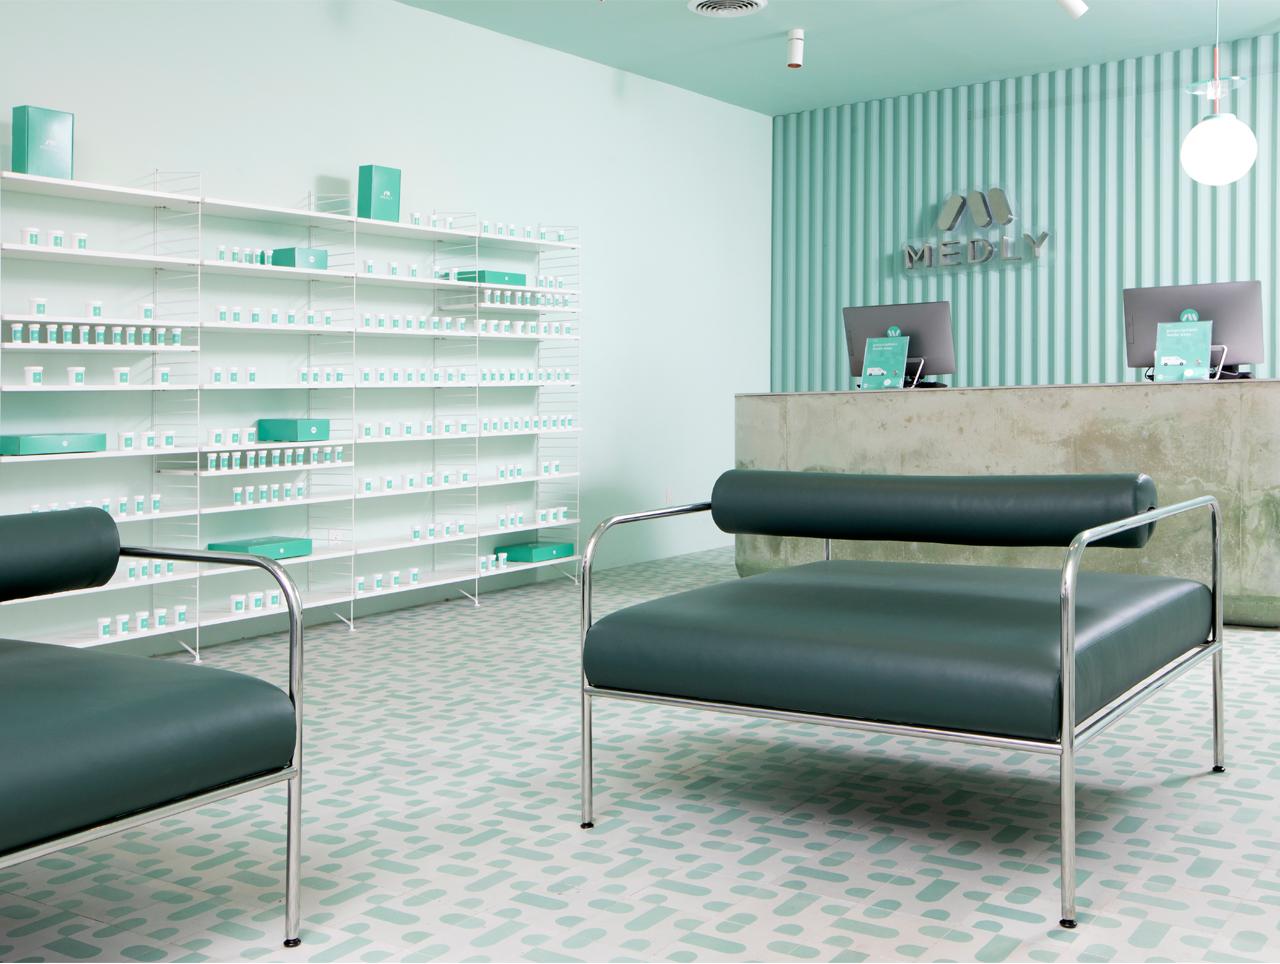 Medley Pharmacy in New York/USA